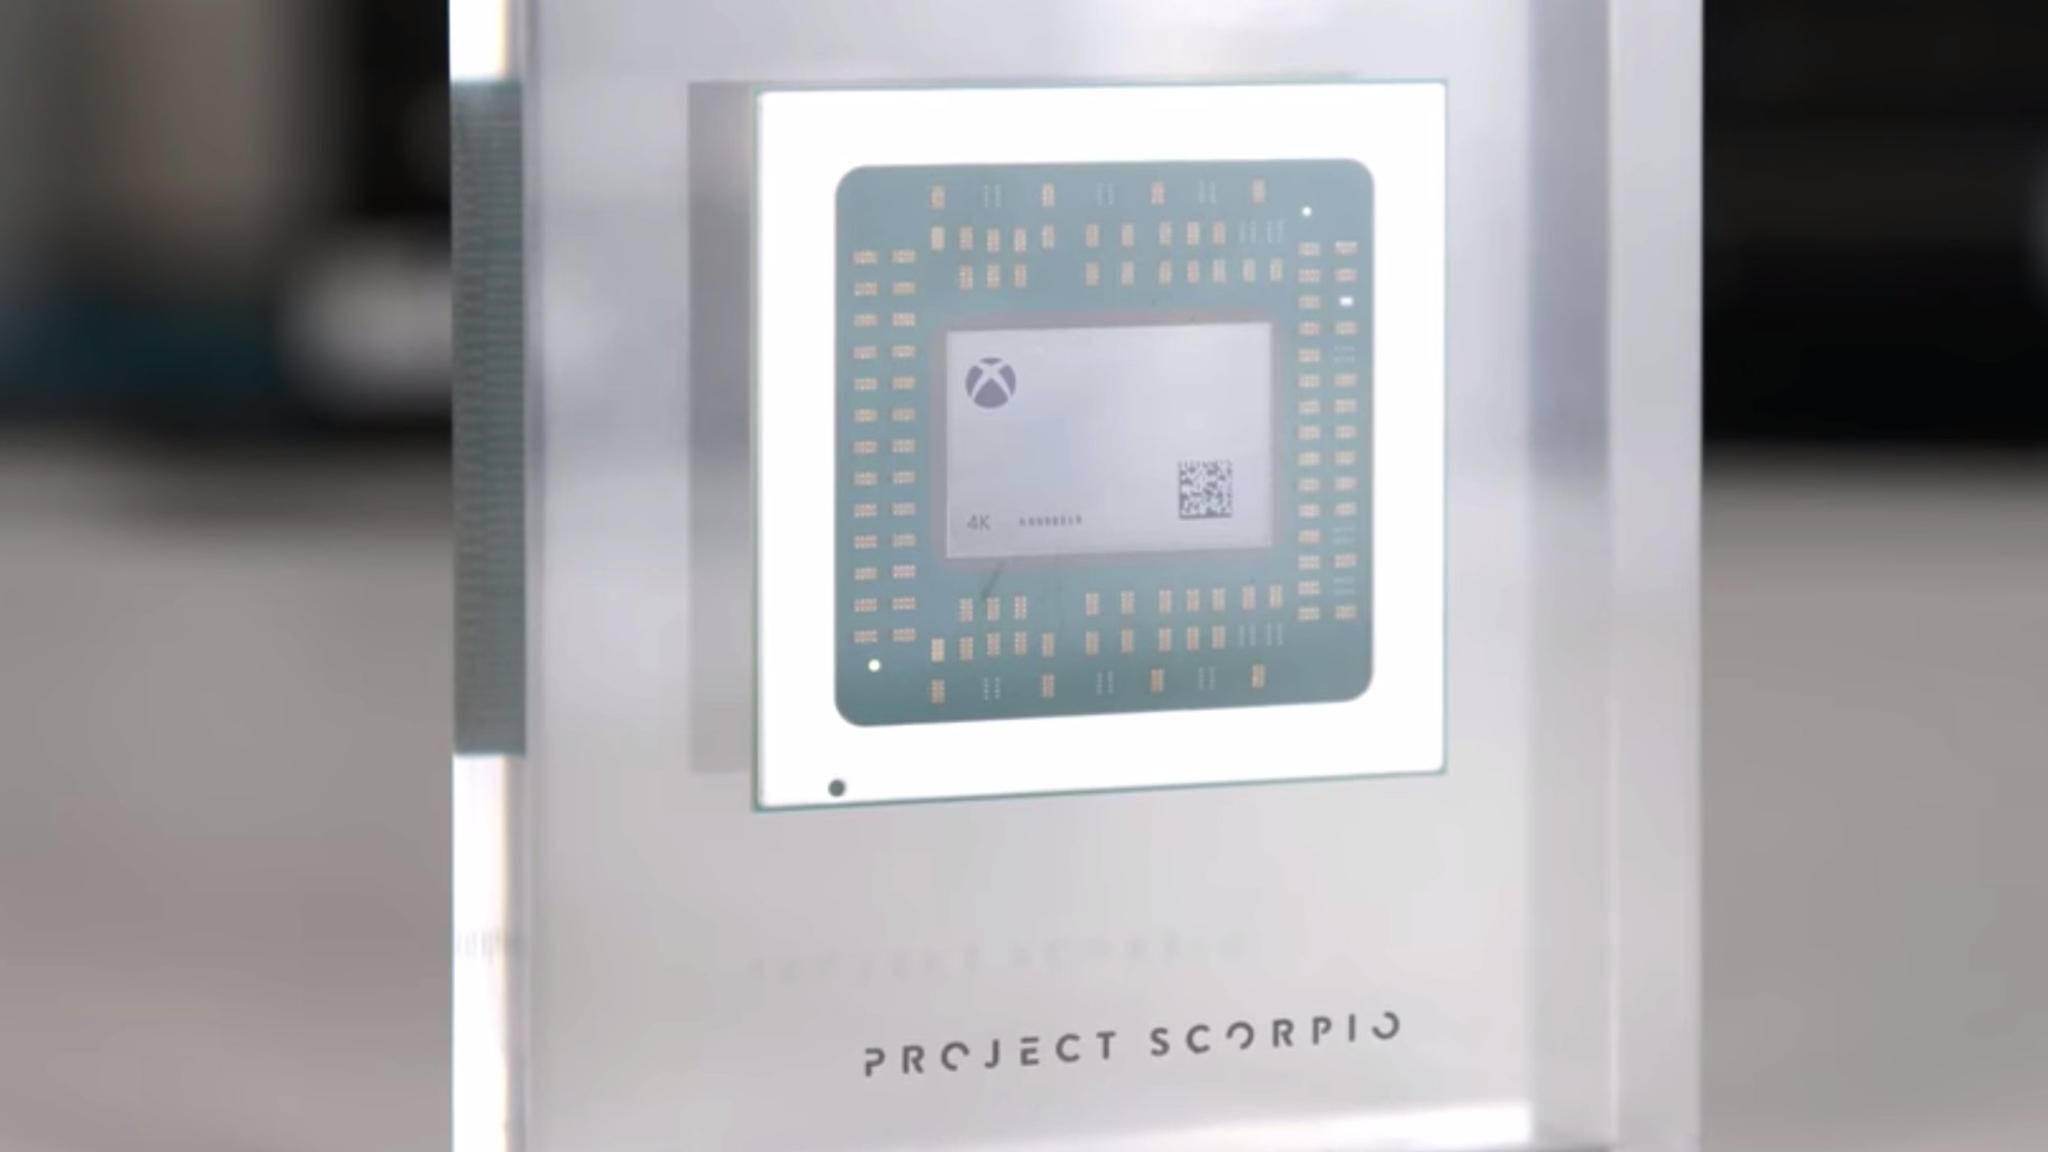 Eine Marken-Anmeldung verrät nun vielleicht den finalen Namen der Xbox Scorpio.